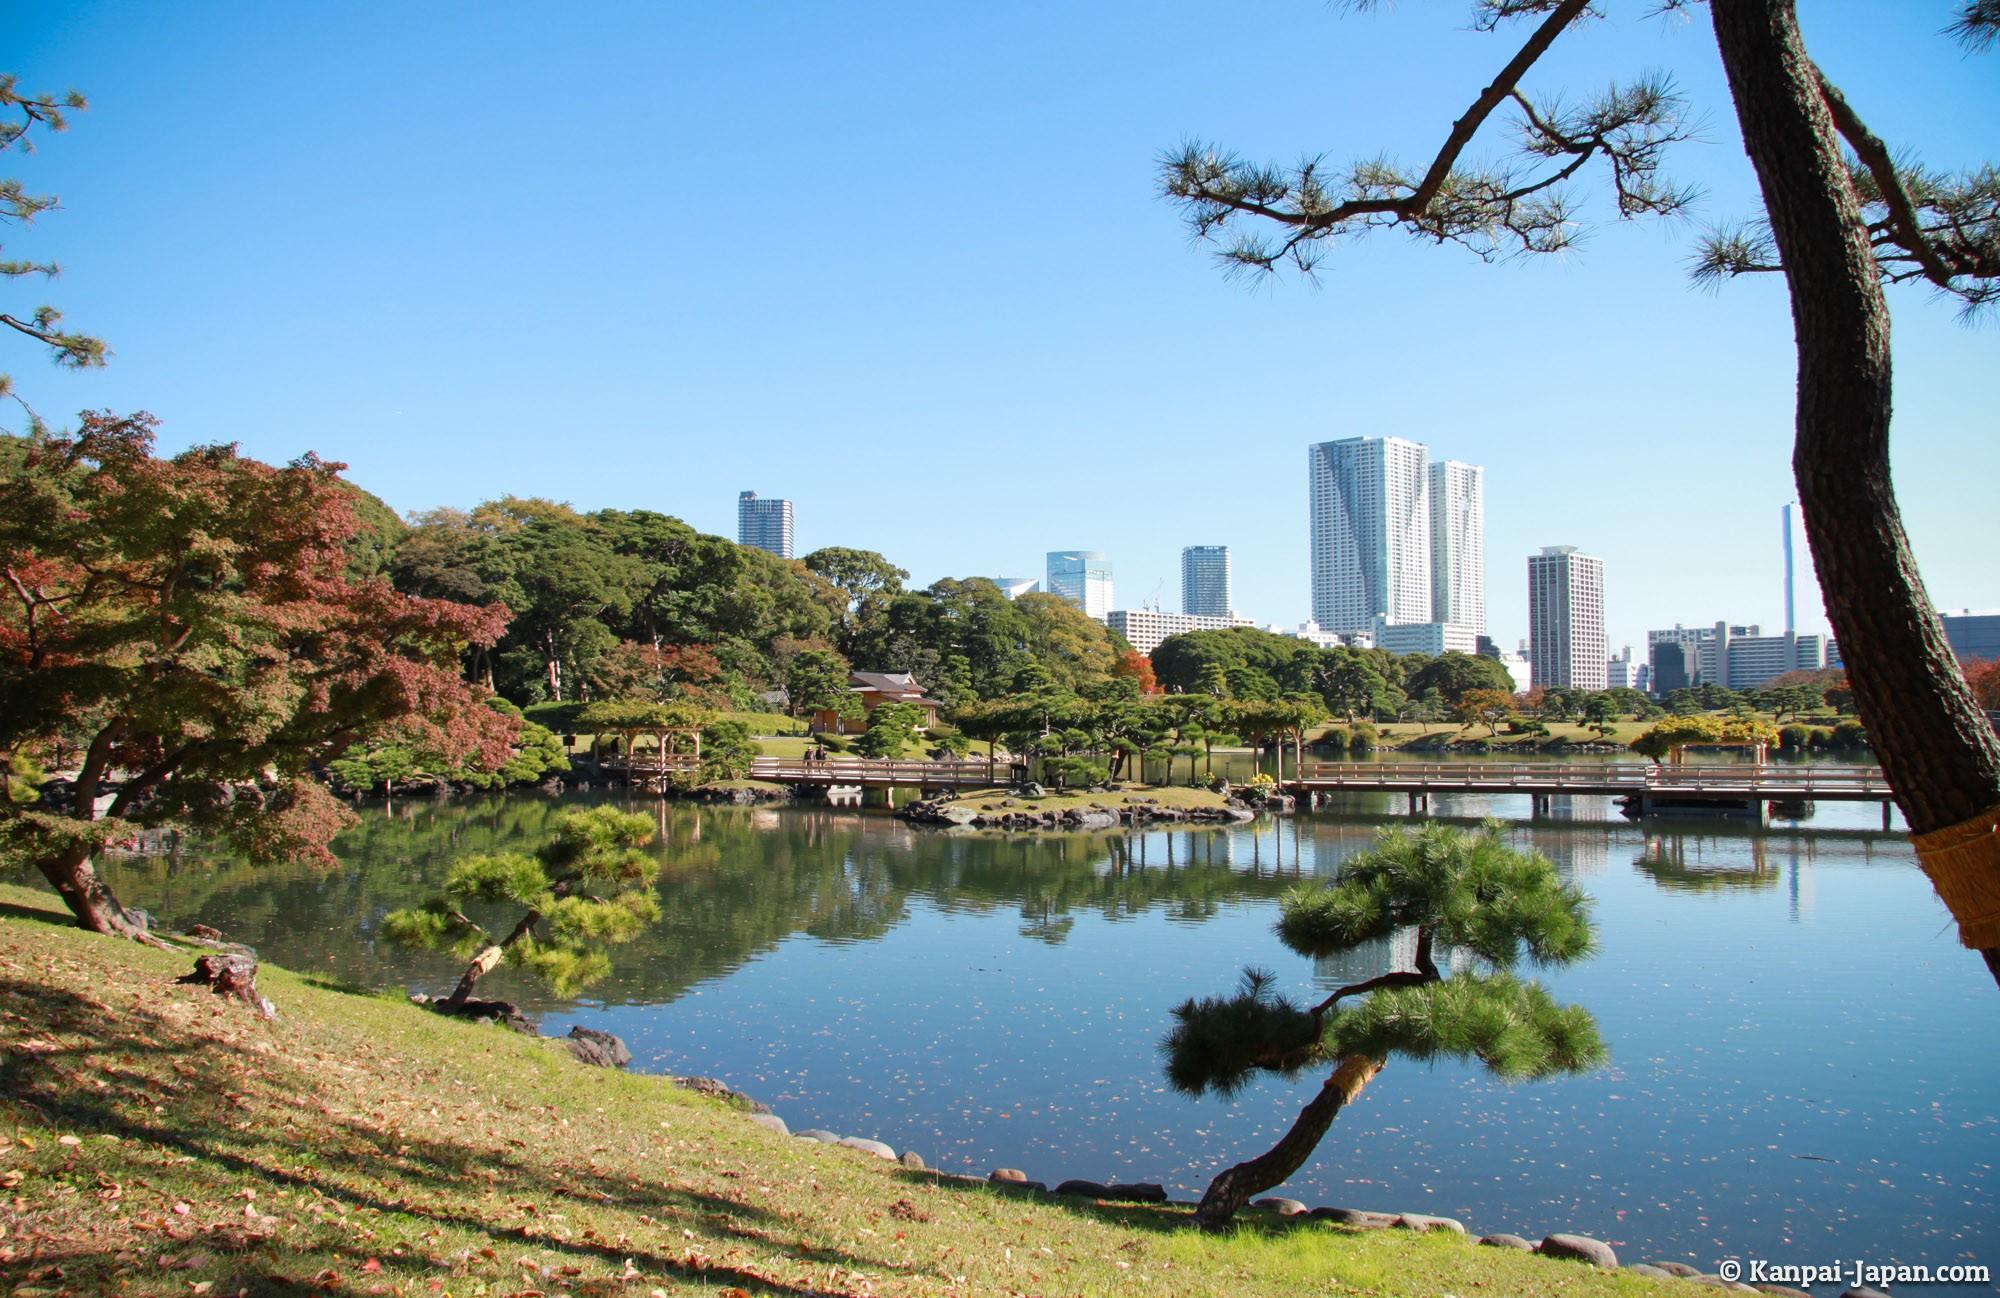 The Japanese Garden Between Tokyo Buildings